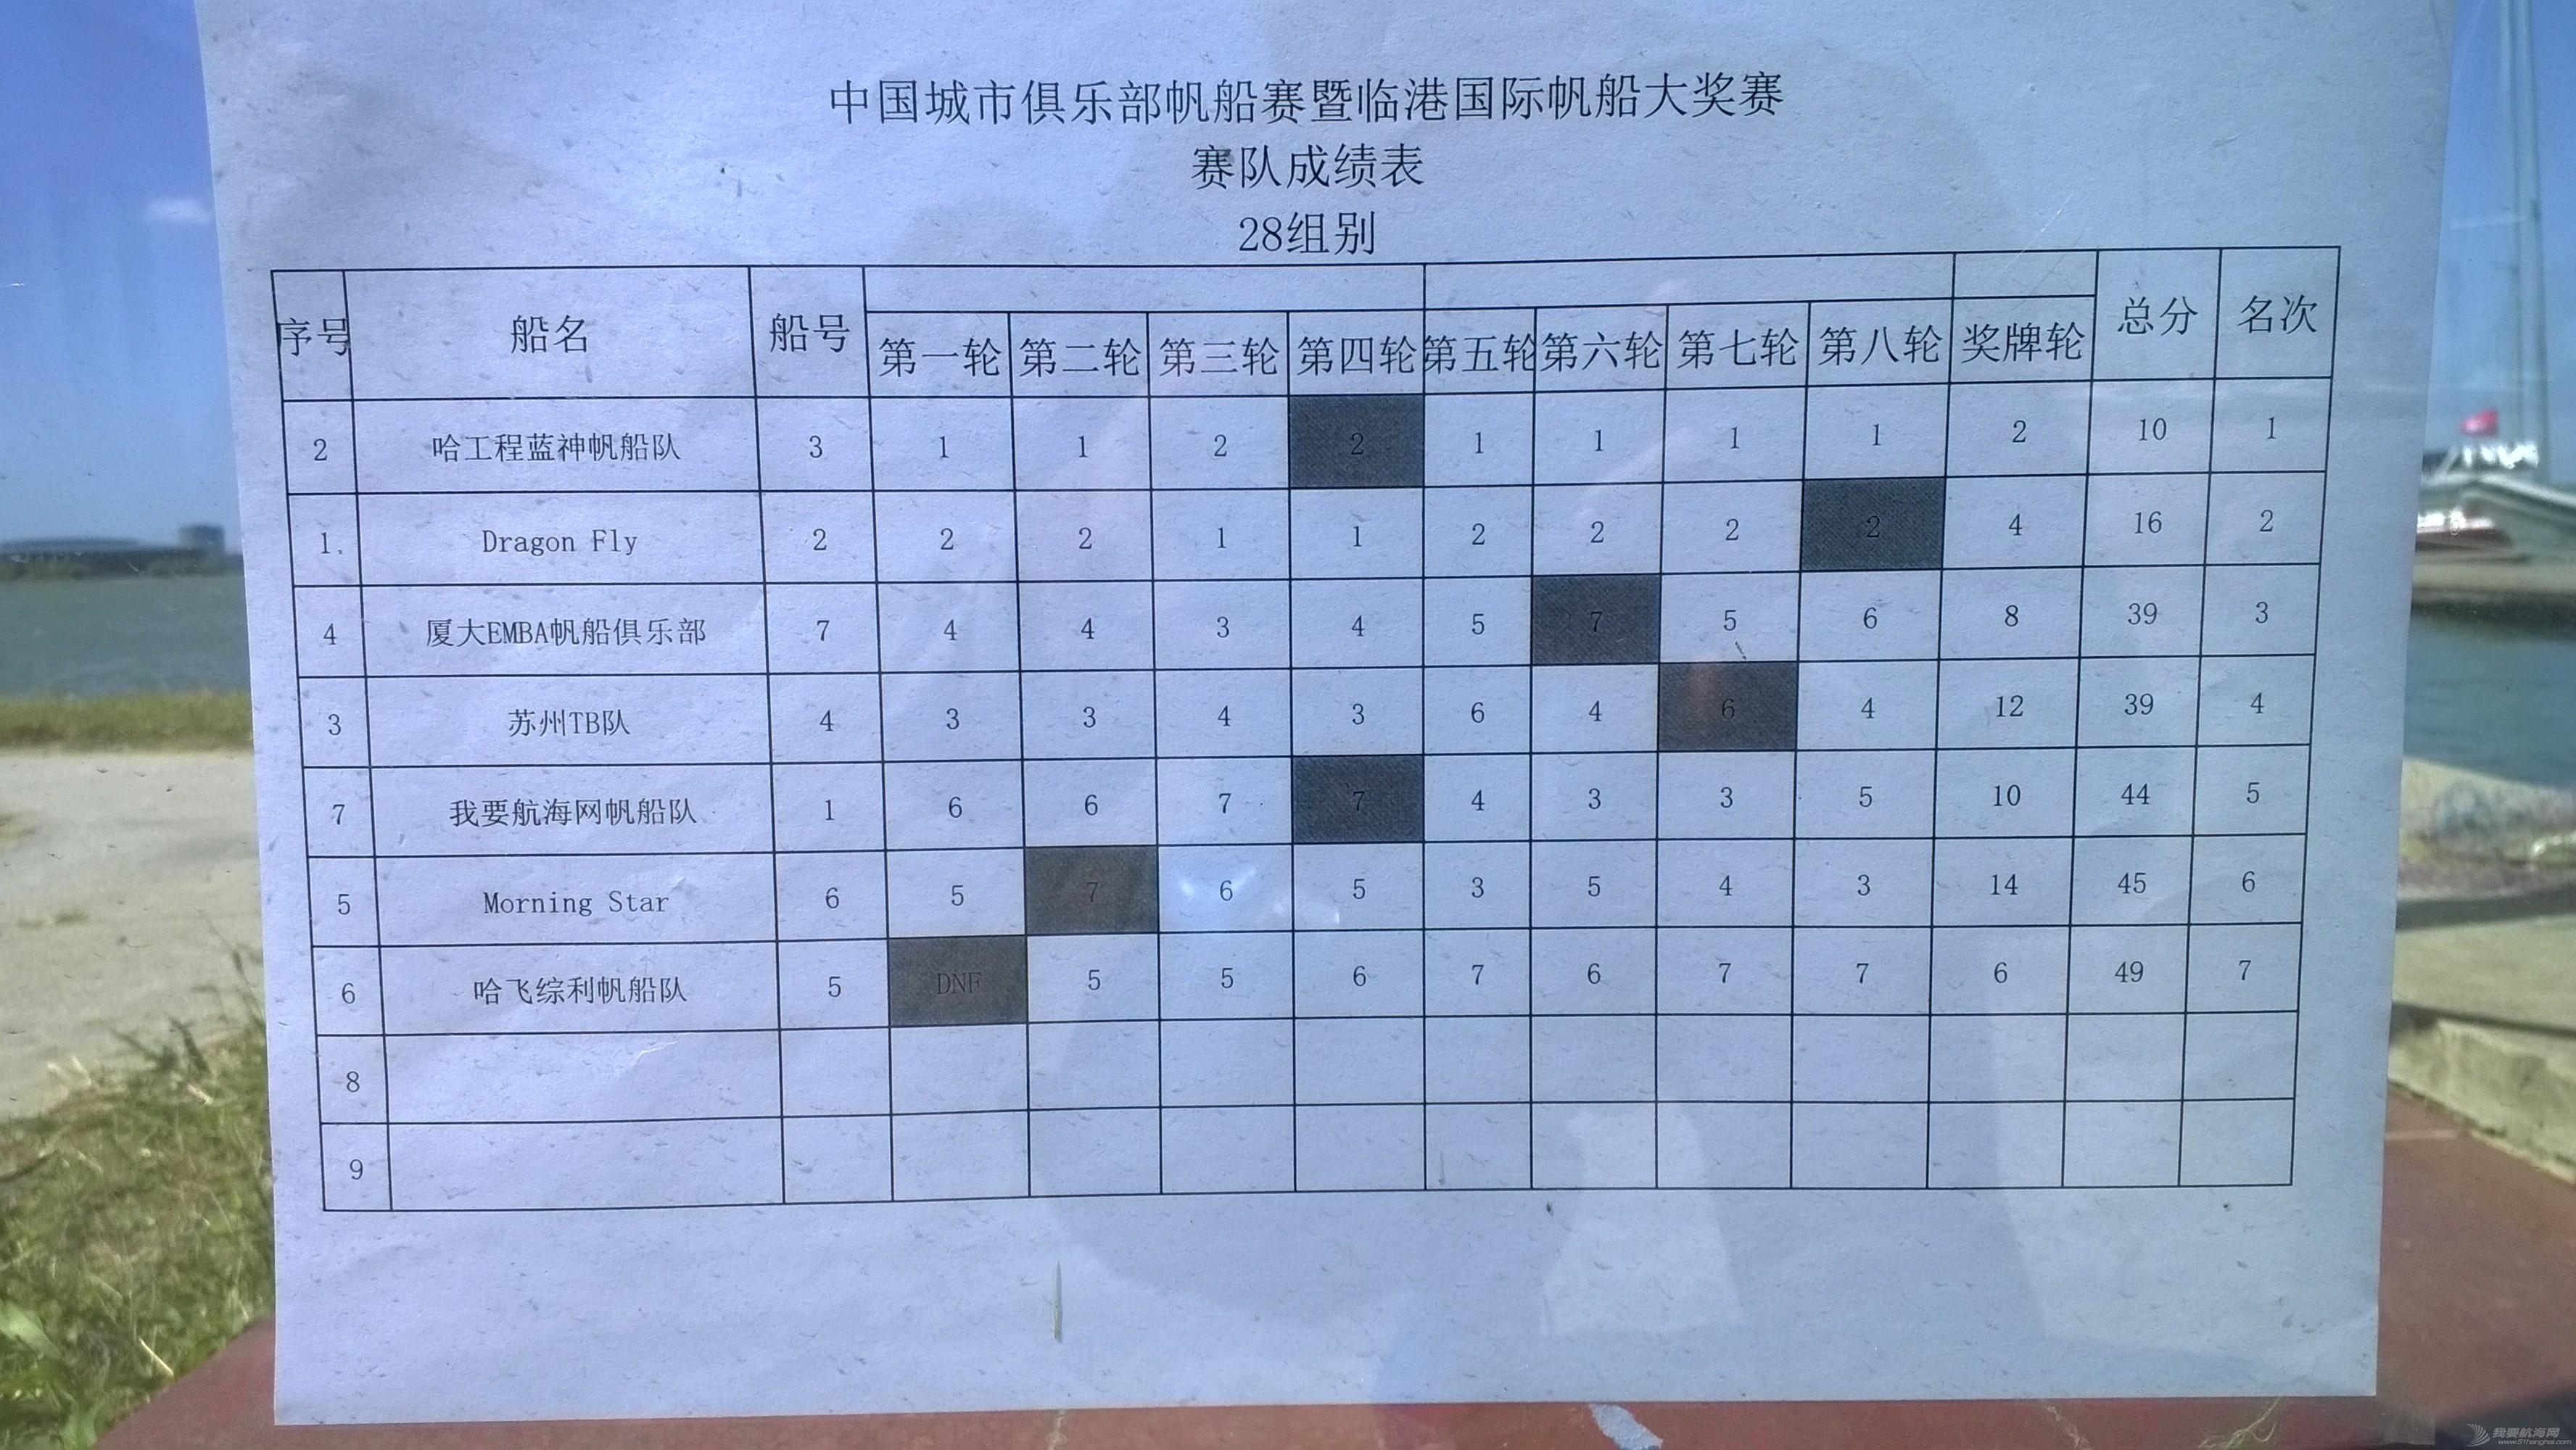 俱乐部,哈工大,吉祥物,代表队,所在地 菜鸟首次比帆赛-记上海临港国际帆船比赛 WP_20150927_003.jpg